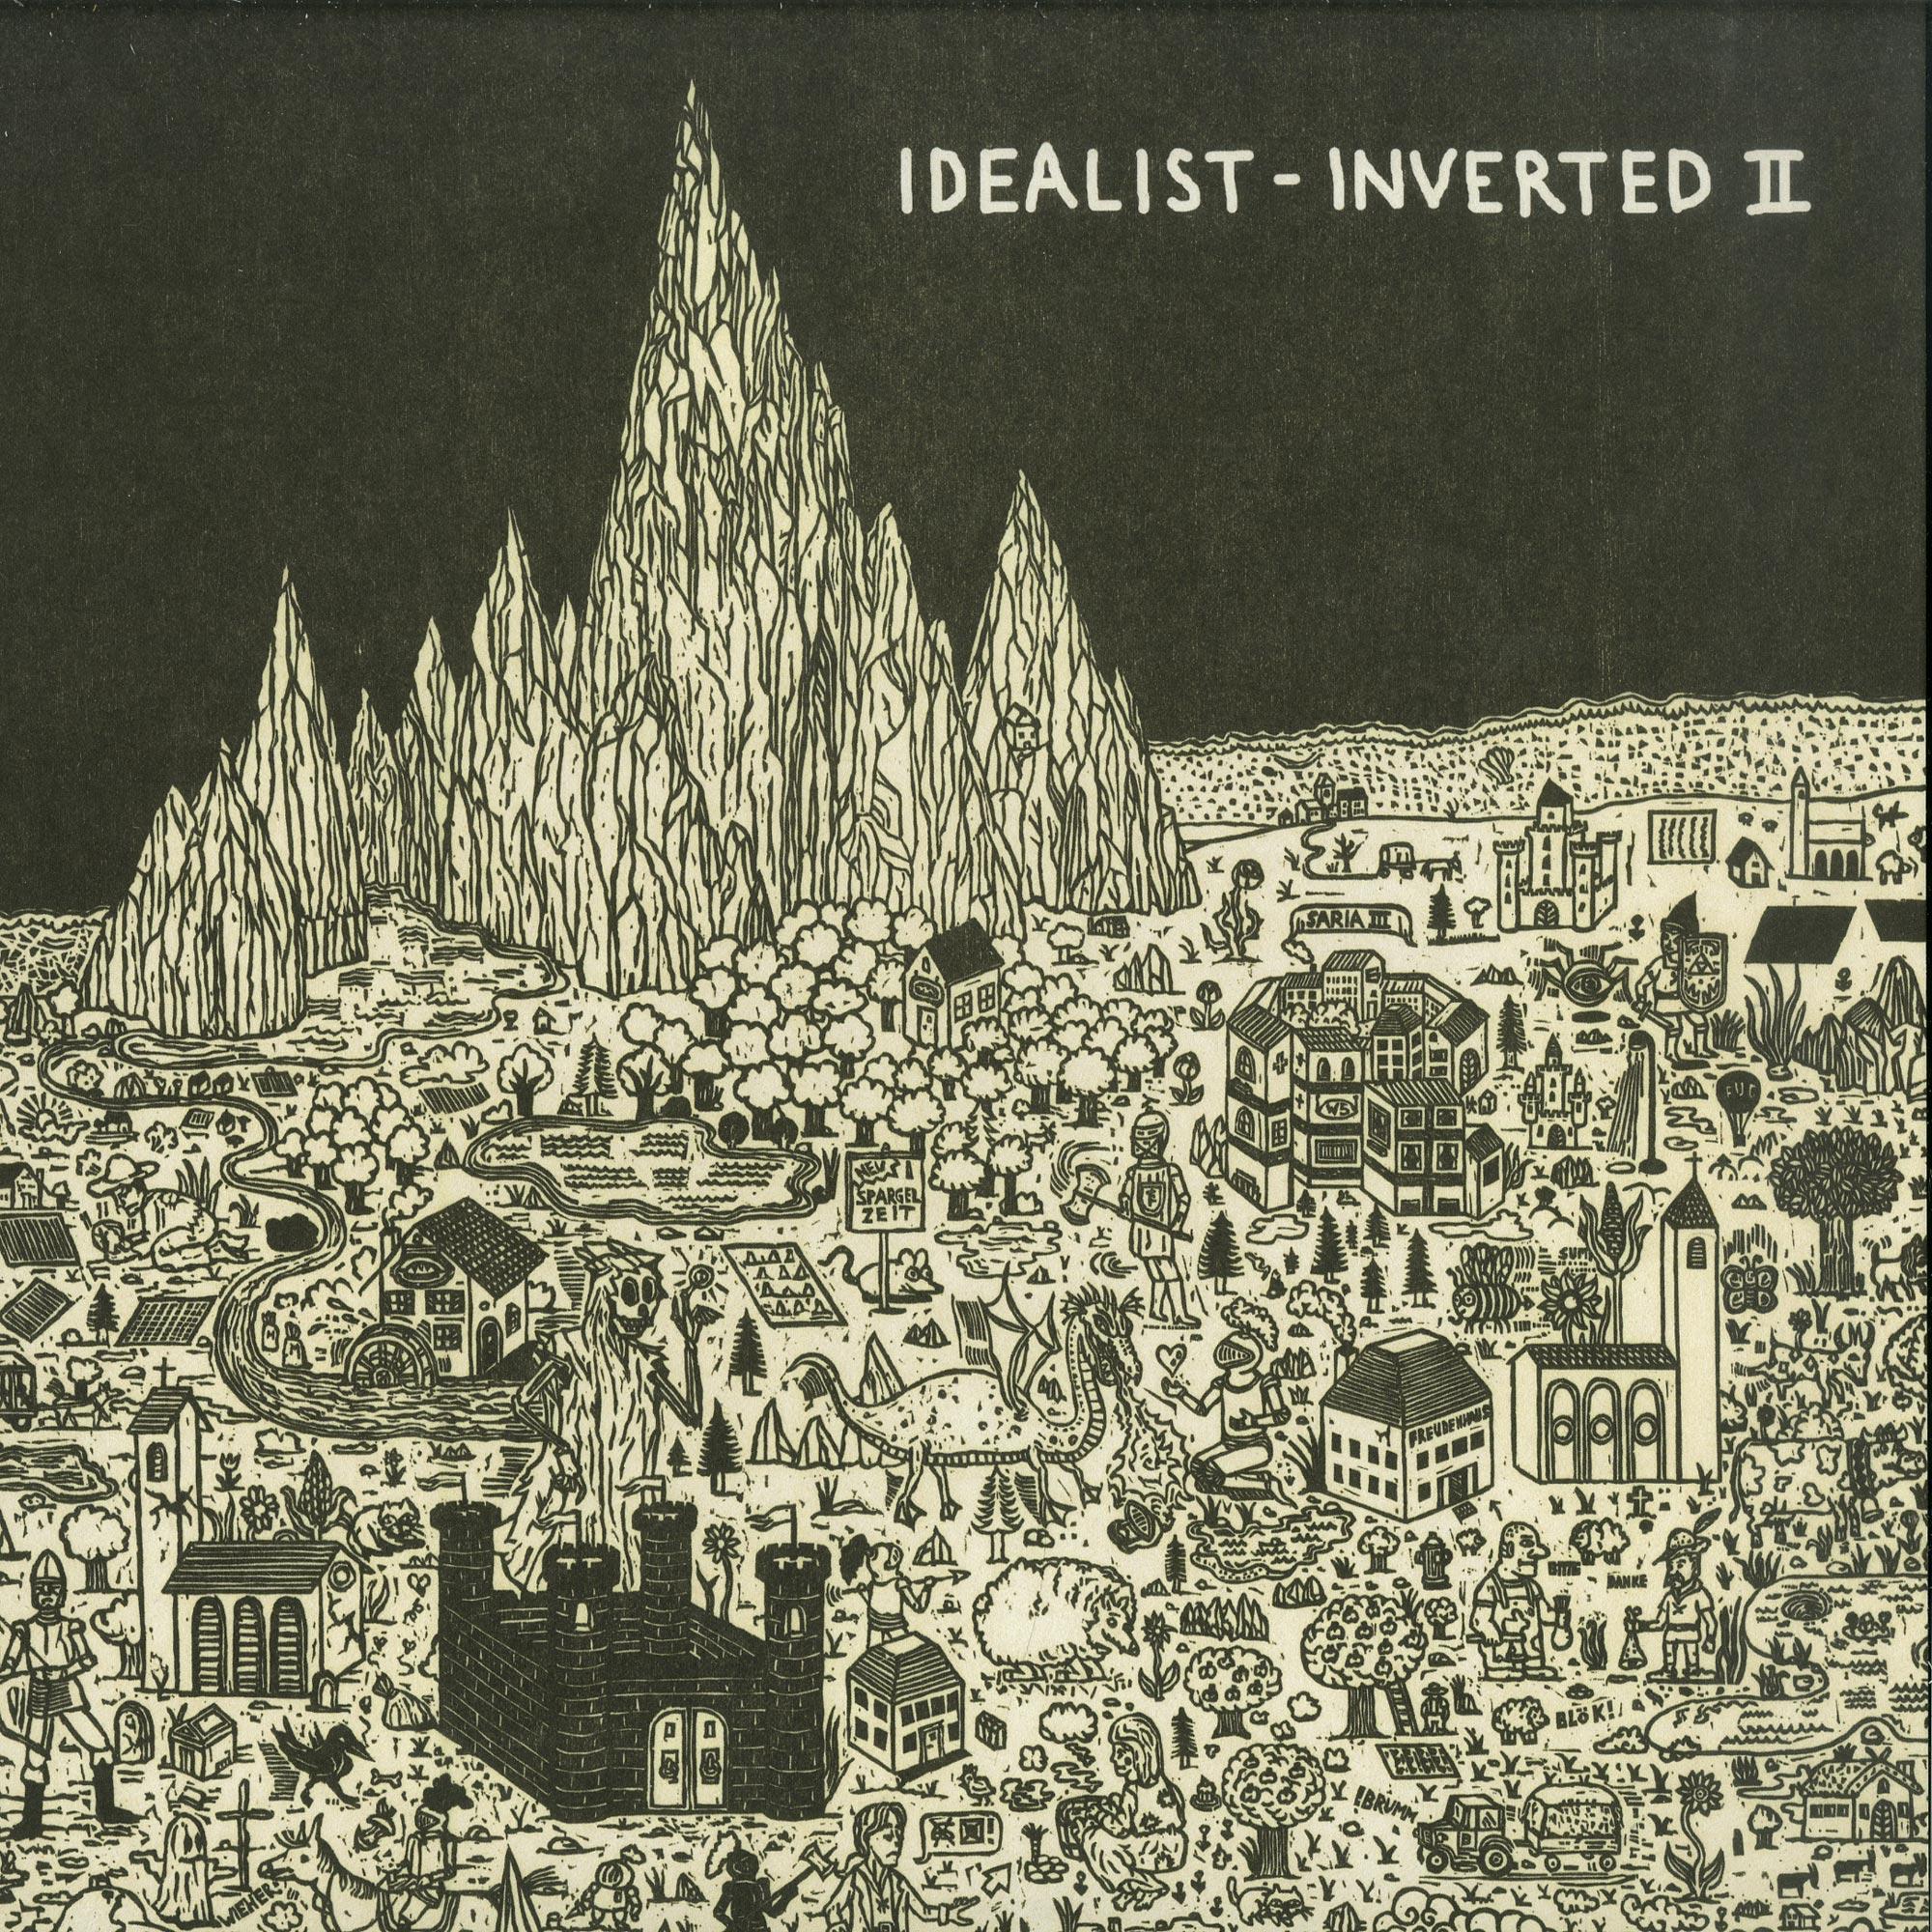 Idealist - INVERTED II